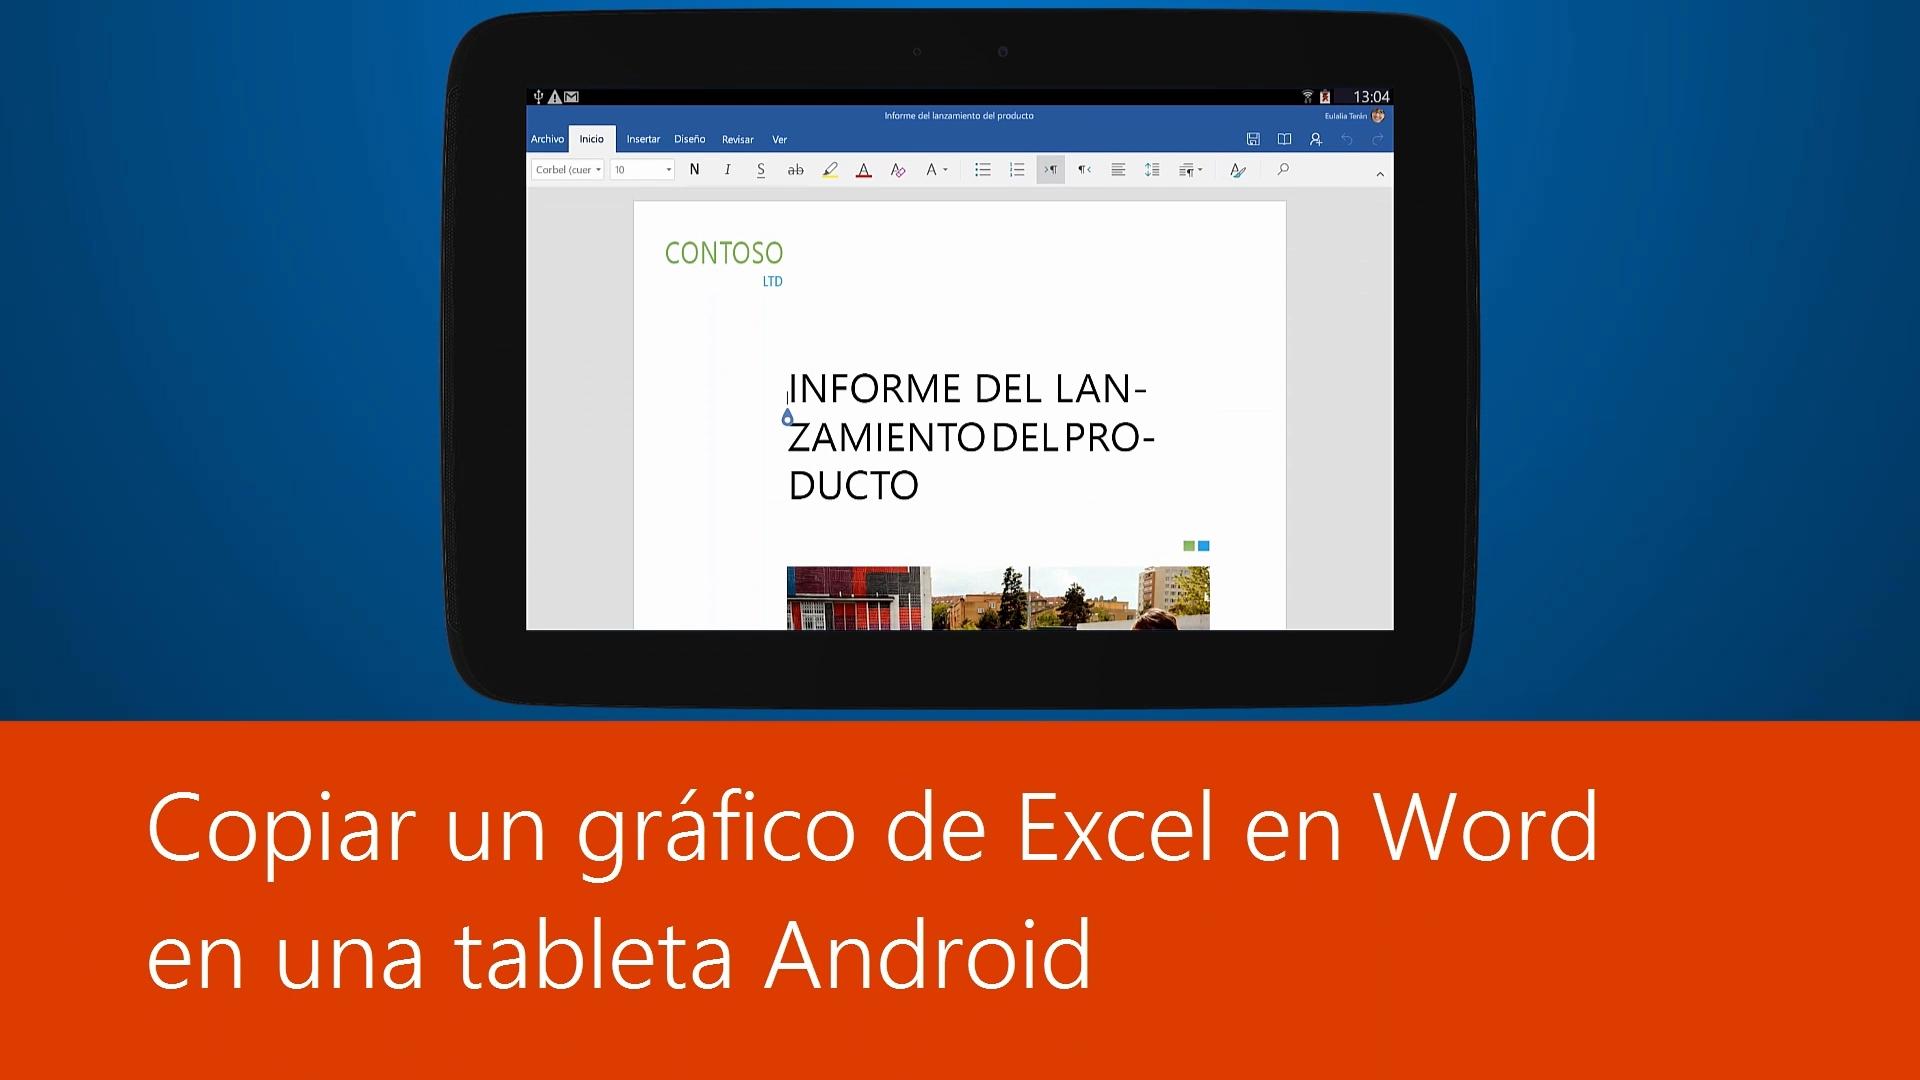 Vídeo: Copiar un gráfico de Excel en Word en una tableta Android ...